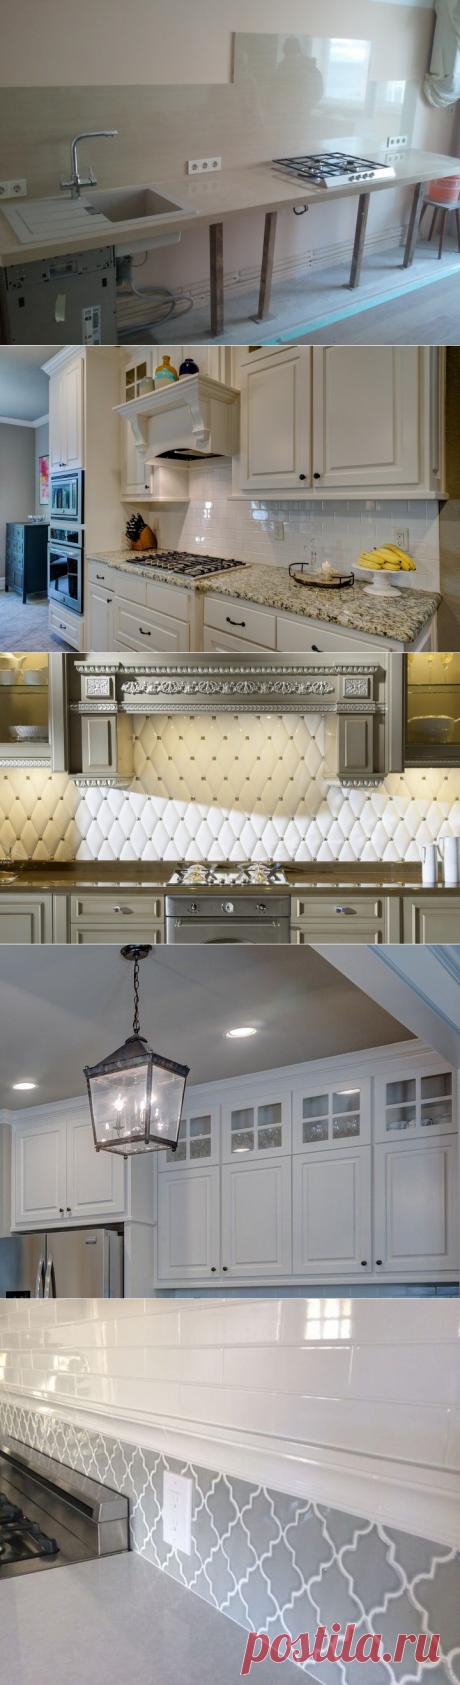 А как лучше - выкладывать фартук на кухне до установки гарнитура или после? | Мебель своими руками | Яндекс Дзен